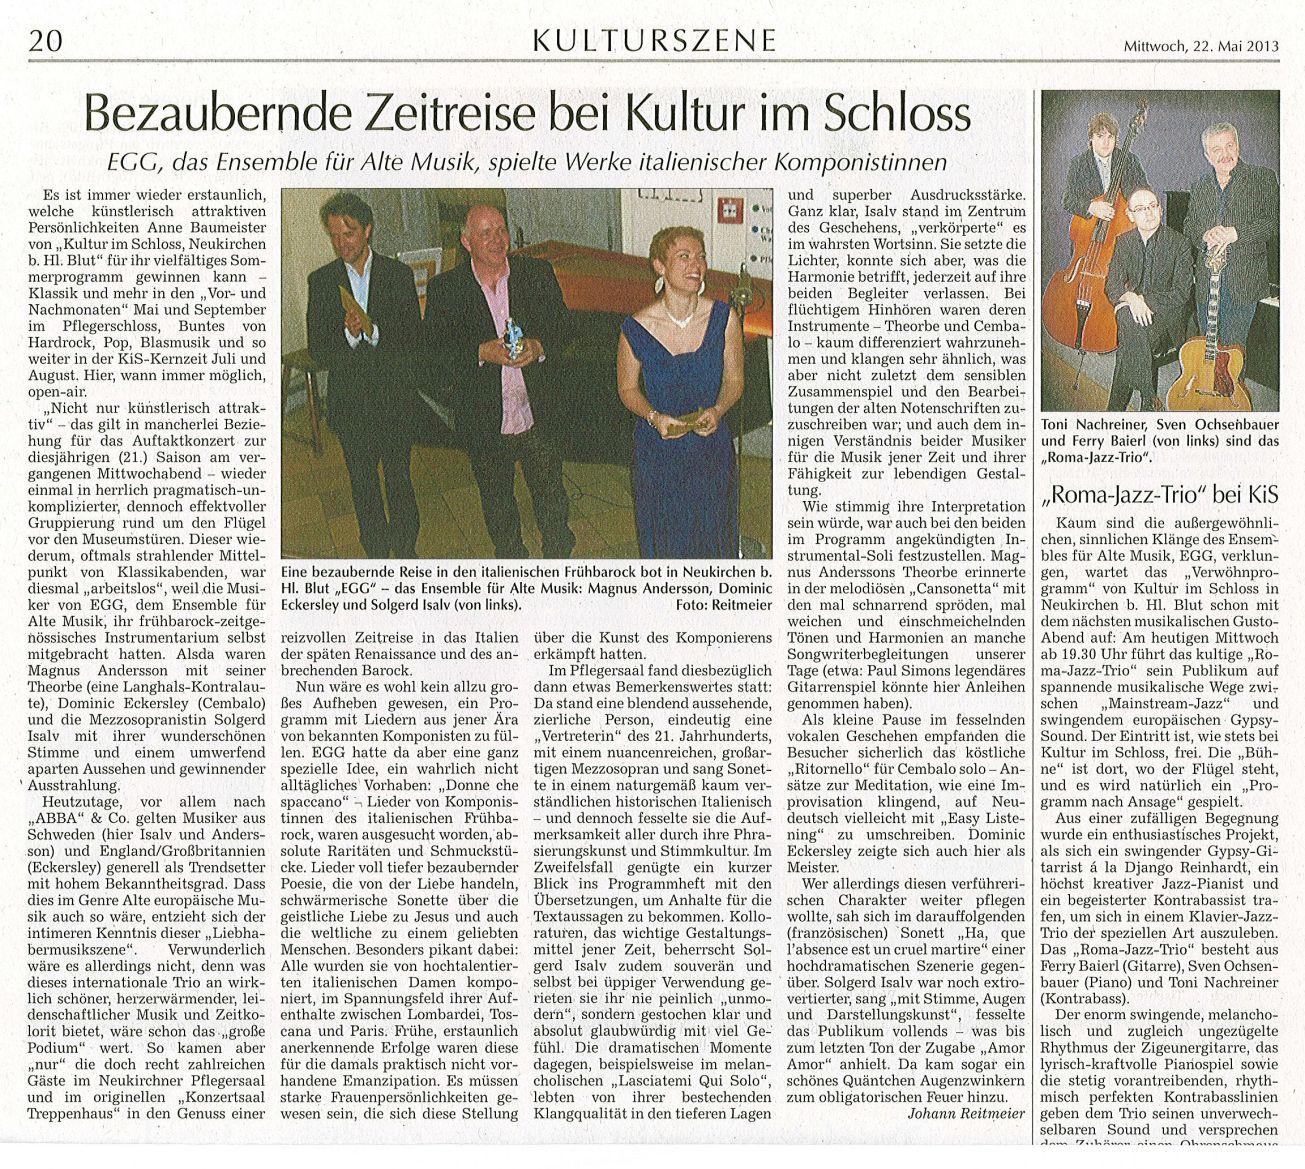 koetztingerzeitung-bericht